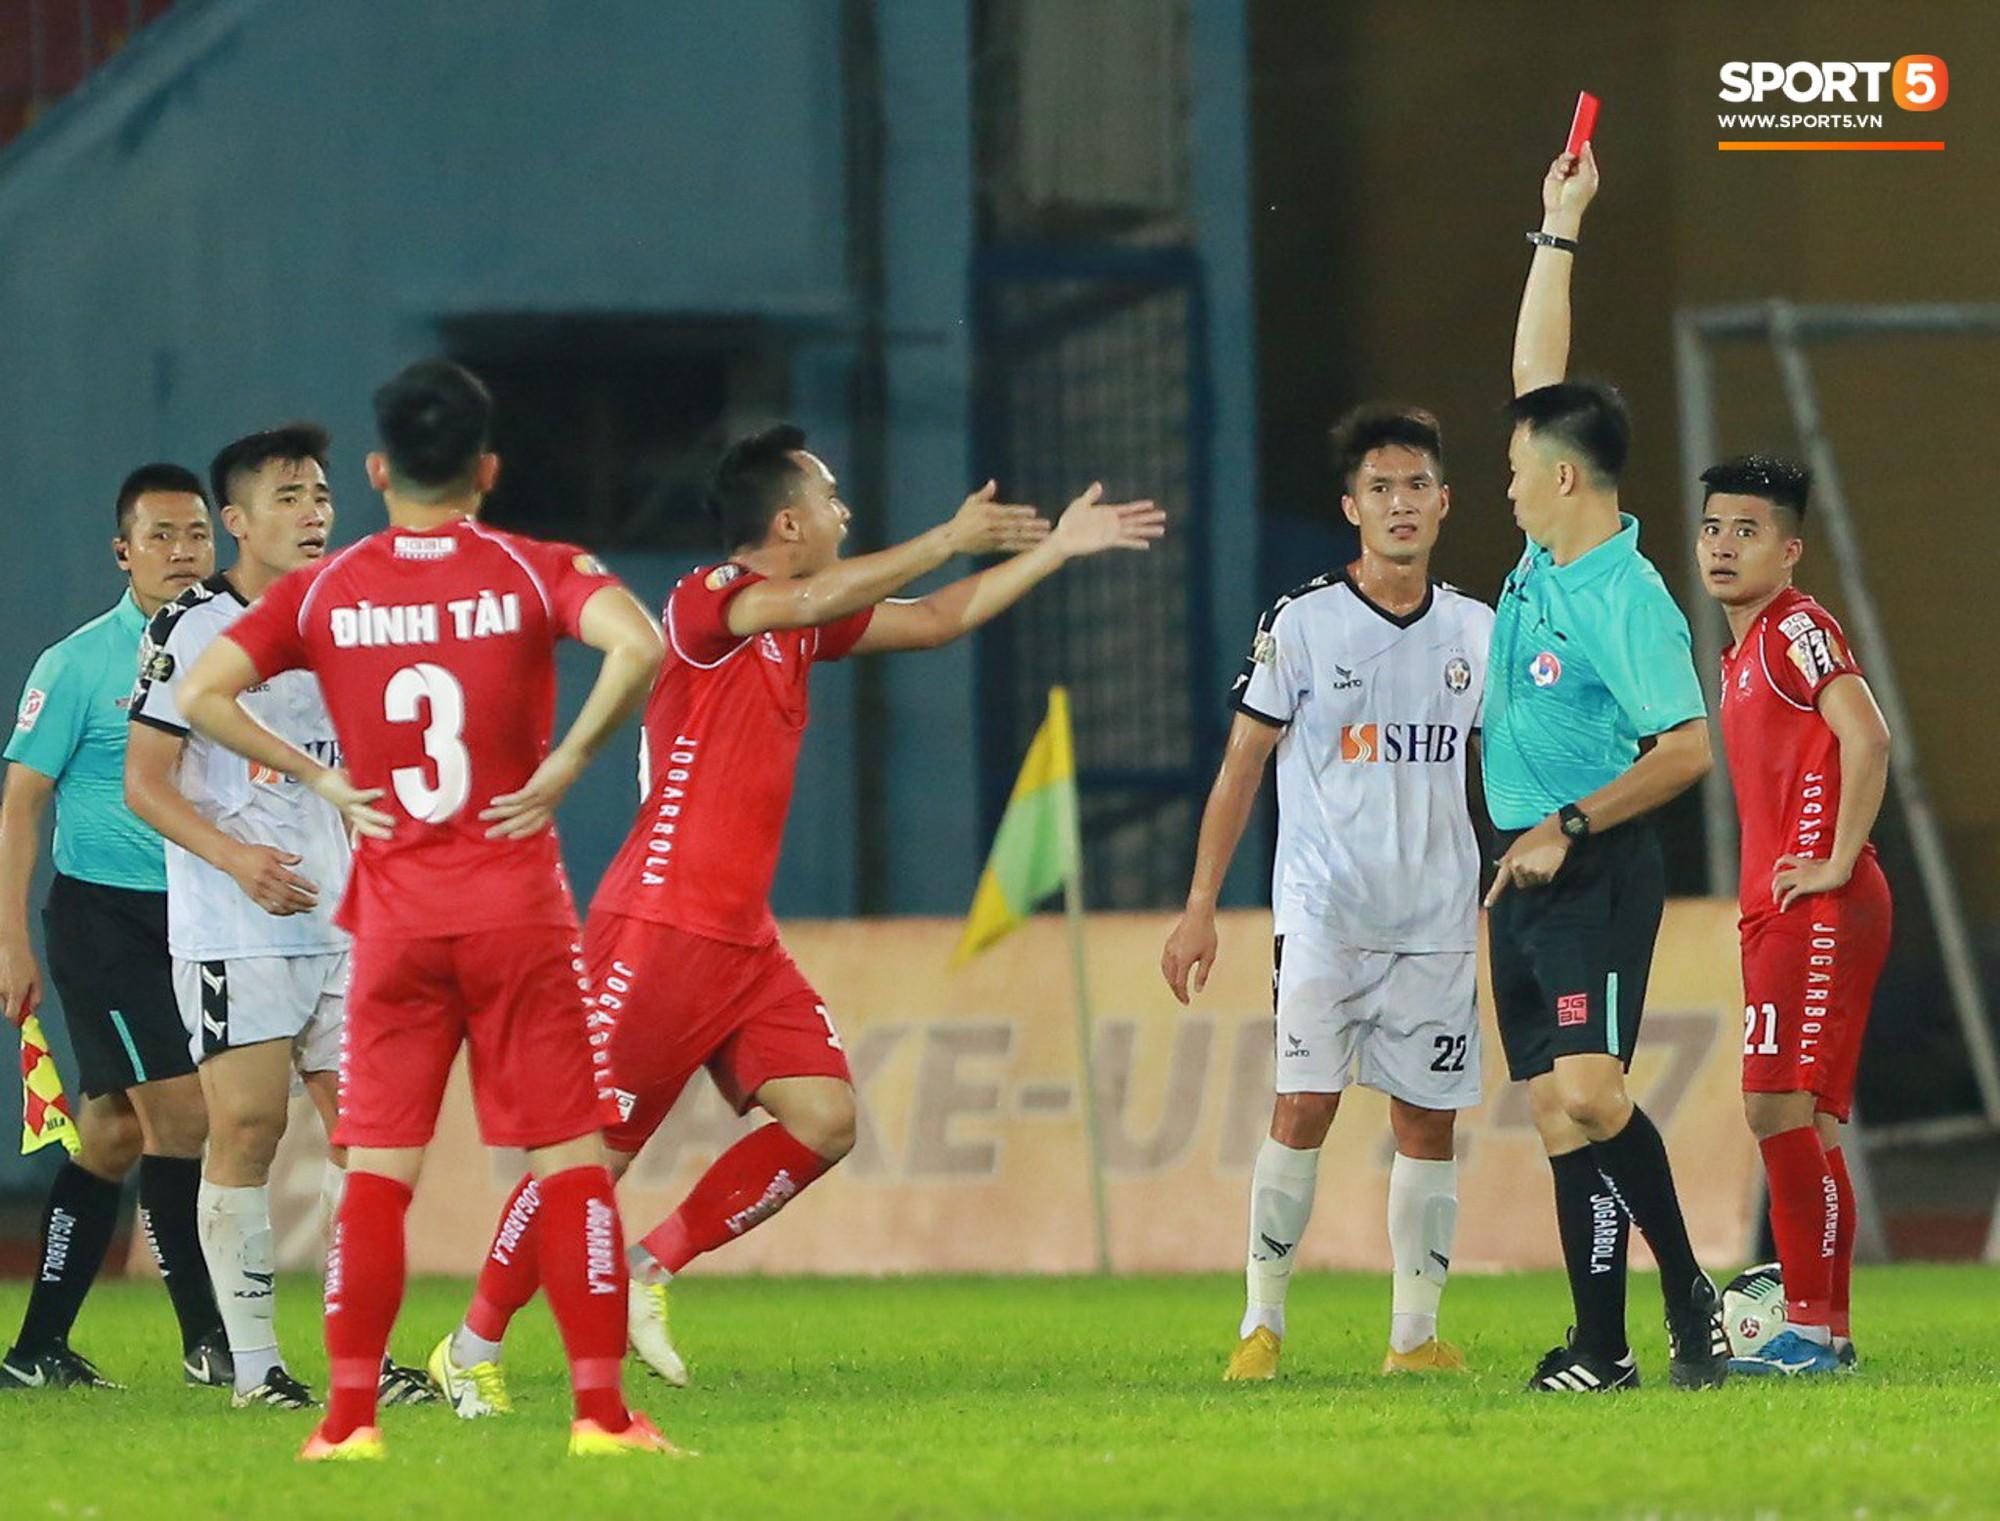 CĐV Hải Phòng quây chặt xe đội khách, quát cầu thủ Đà Nẵng sau trận đấu có 2 thẻ đỏ